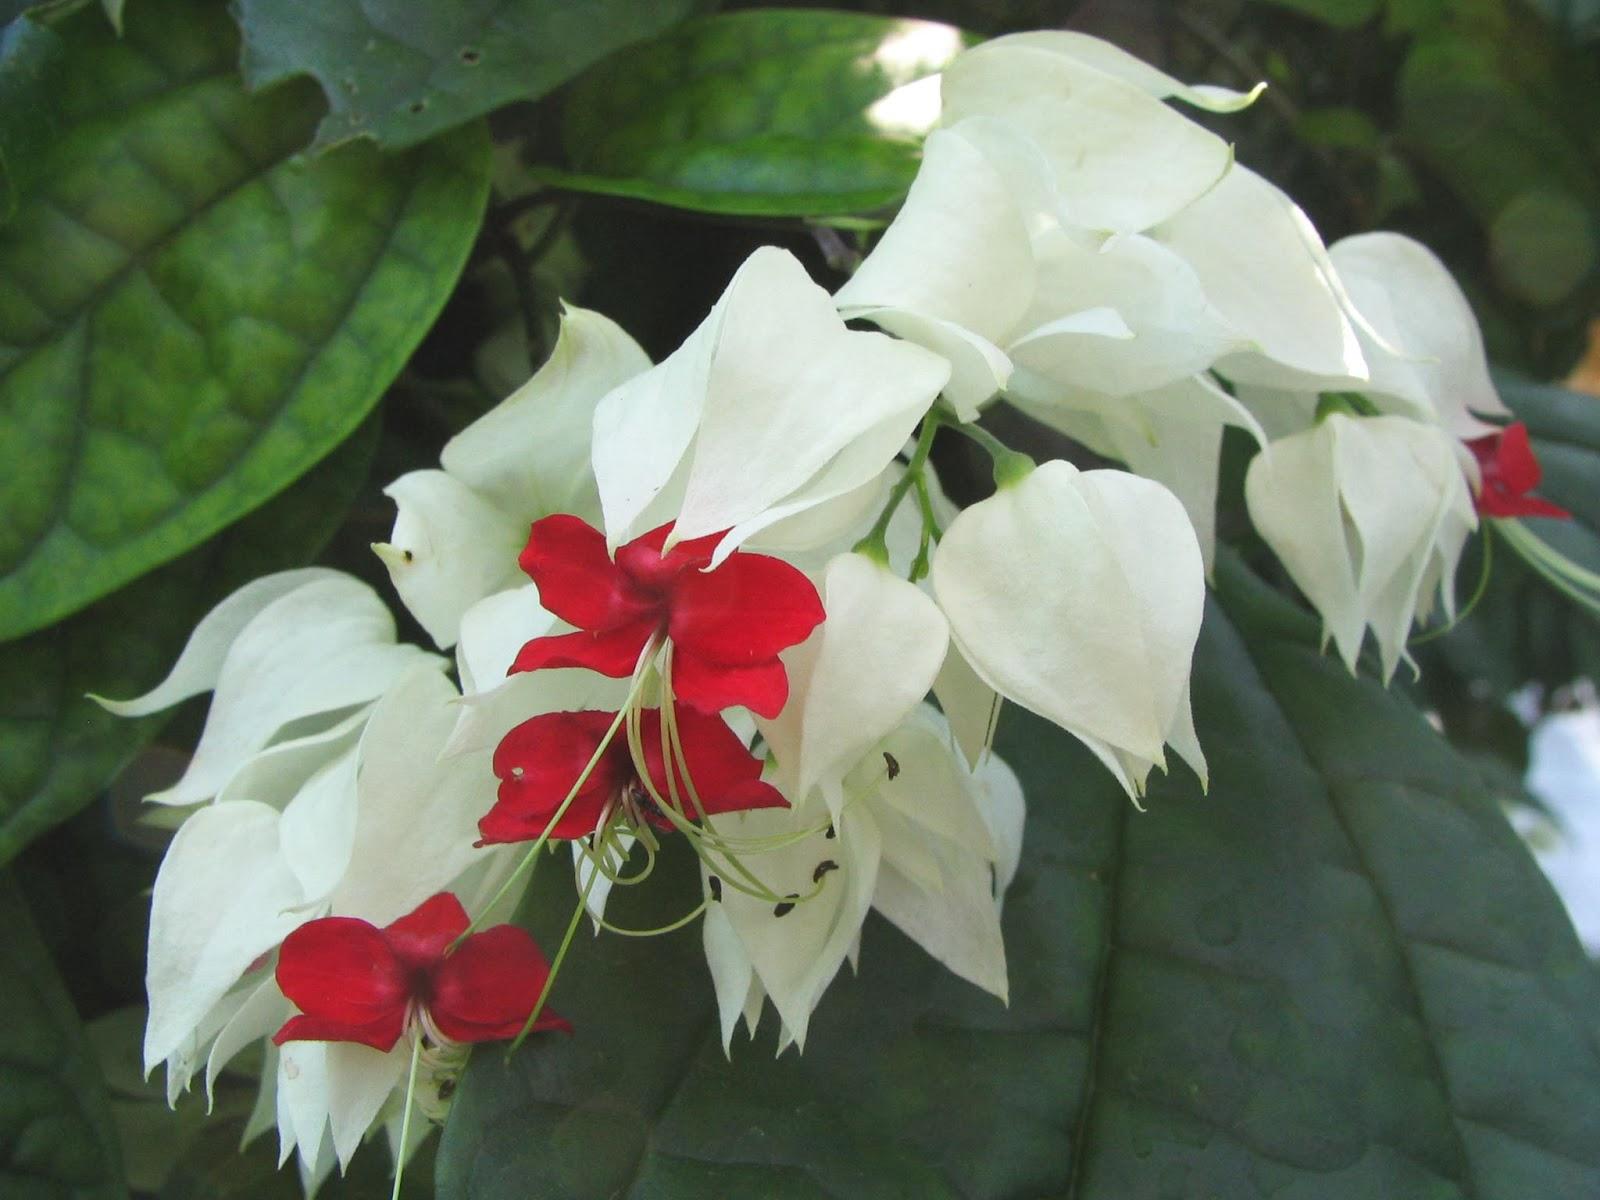 Trepadoras colecci n de hojas y flores - Arbustos perennes con flor ...